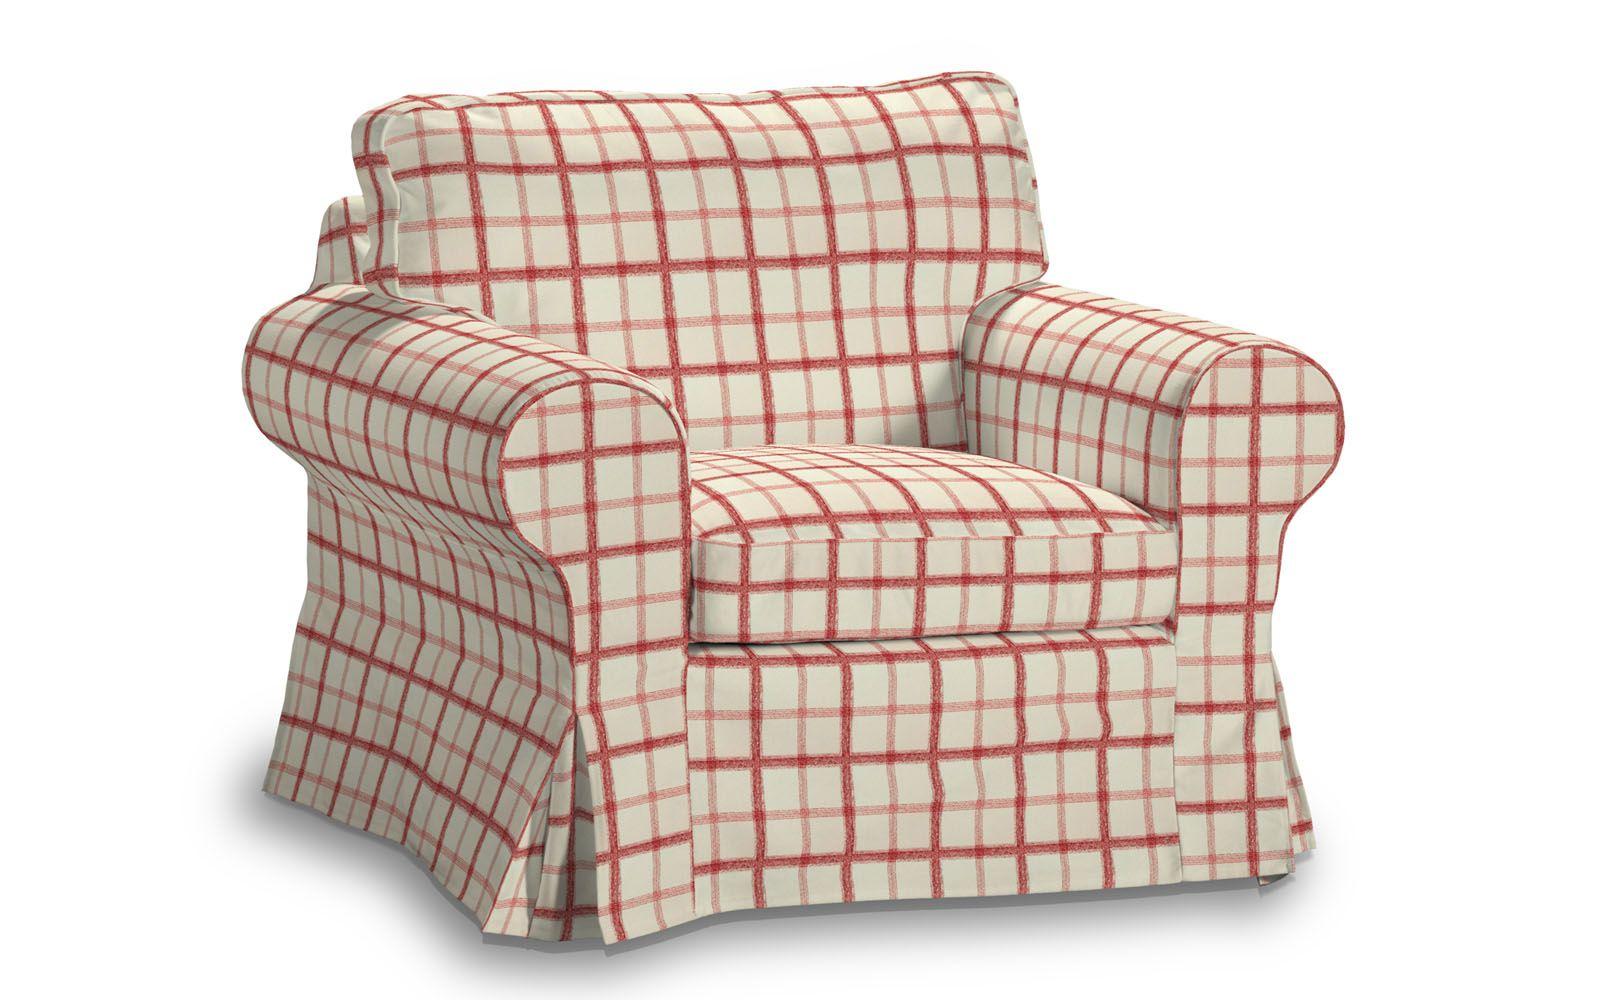 bezug in paris rot kariert f r den ikea ektorp sessel armchair